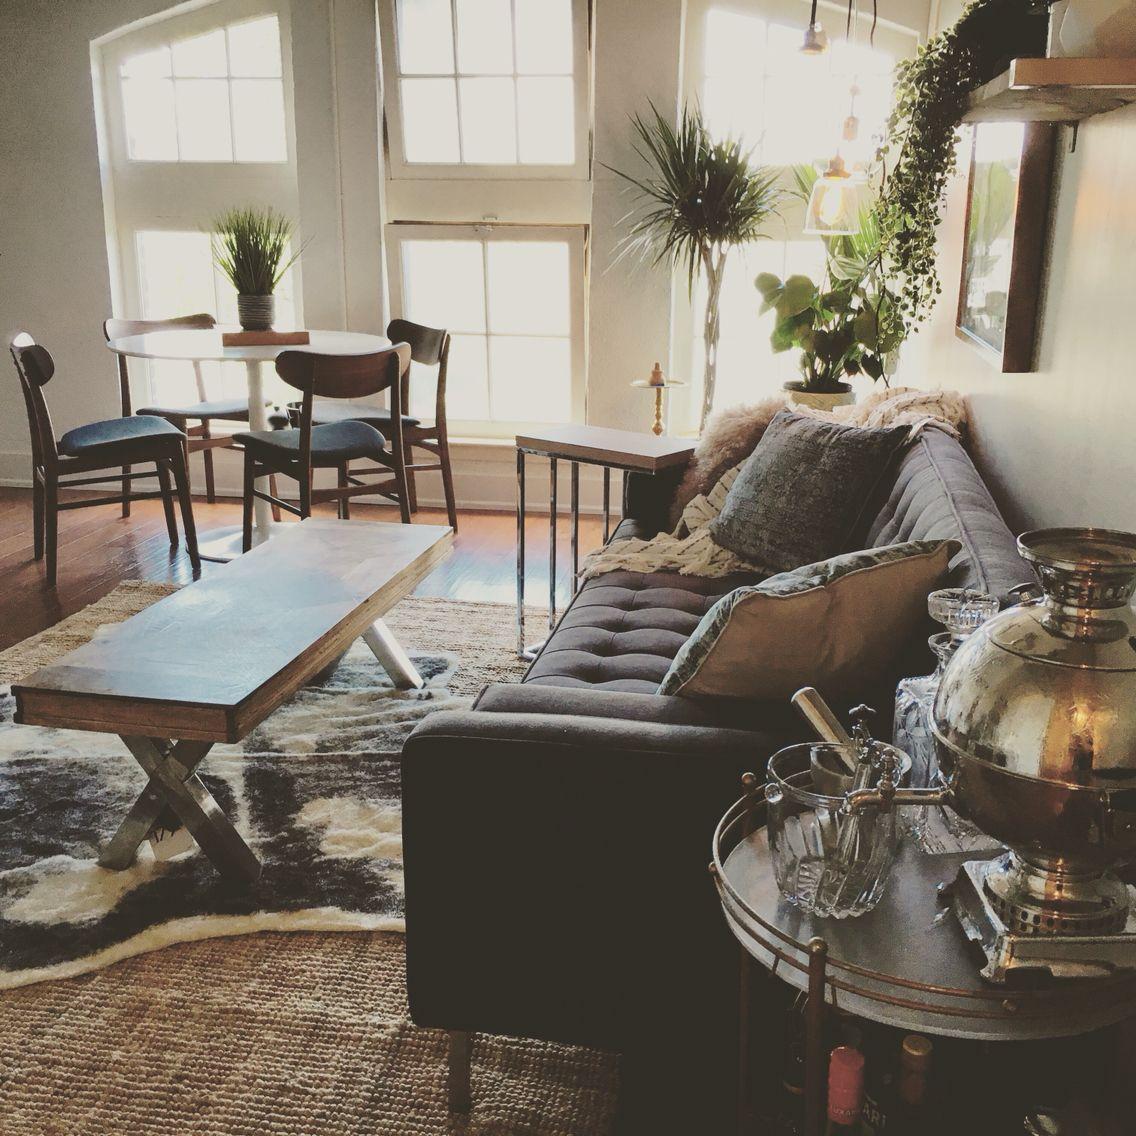 Green Rug For Living Room: Green Living Room, Boho Living Room, Large Windows, Boho